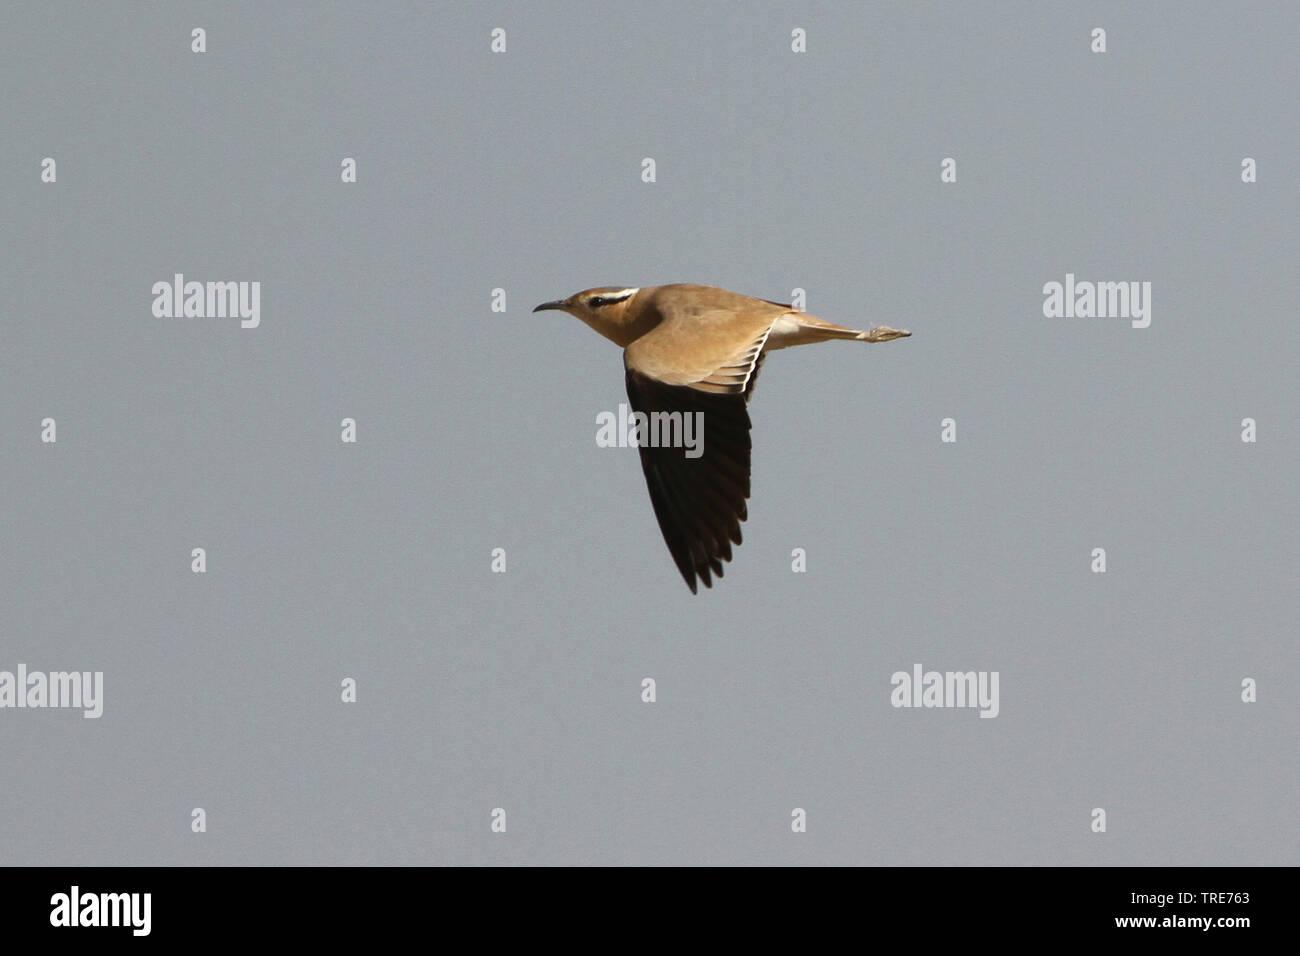 (Rennvogel Cursorius Cursor), fliegend, Indien, Desert Nationalpark | cremefarbenen Renner (Cursorius Cursor), Fliegende, Indien, Wüsten Nationalpark | Stockbild